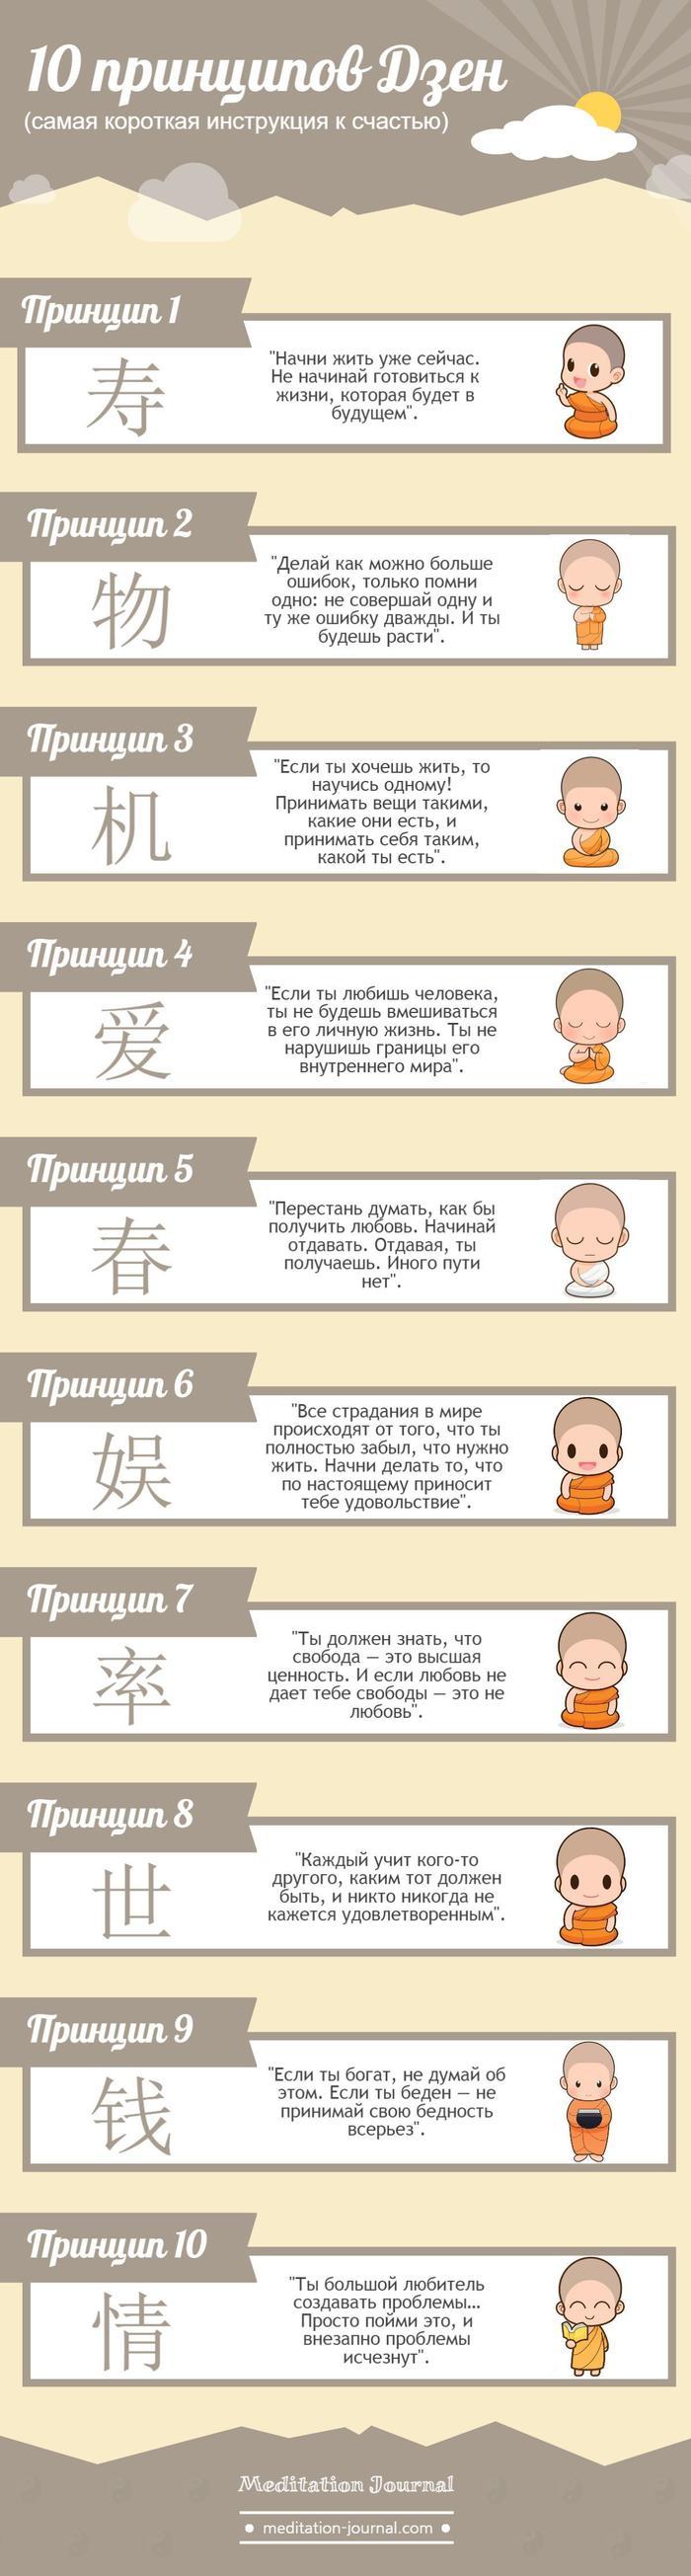 10 принципов Дзен Дзен, Буддизм, Религия, Философия, Психология, Теология, Счастье, Мотивация, Длиннопост